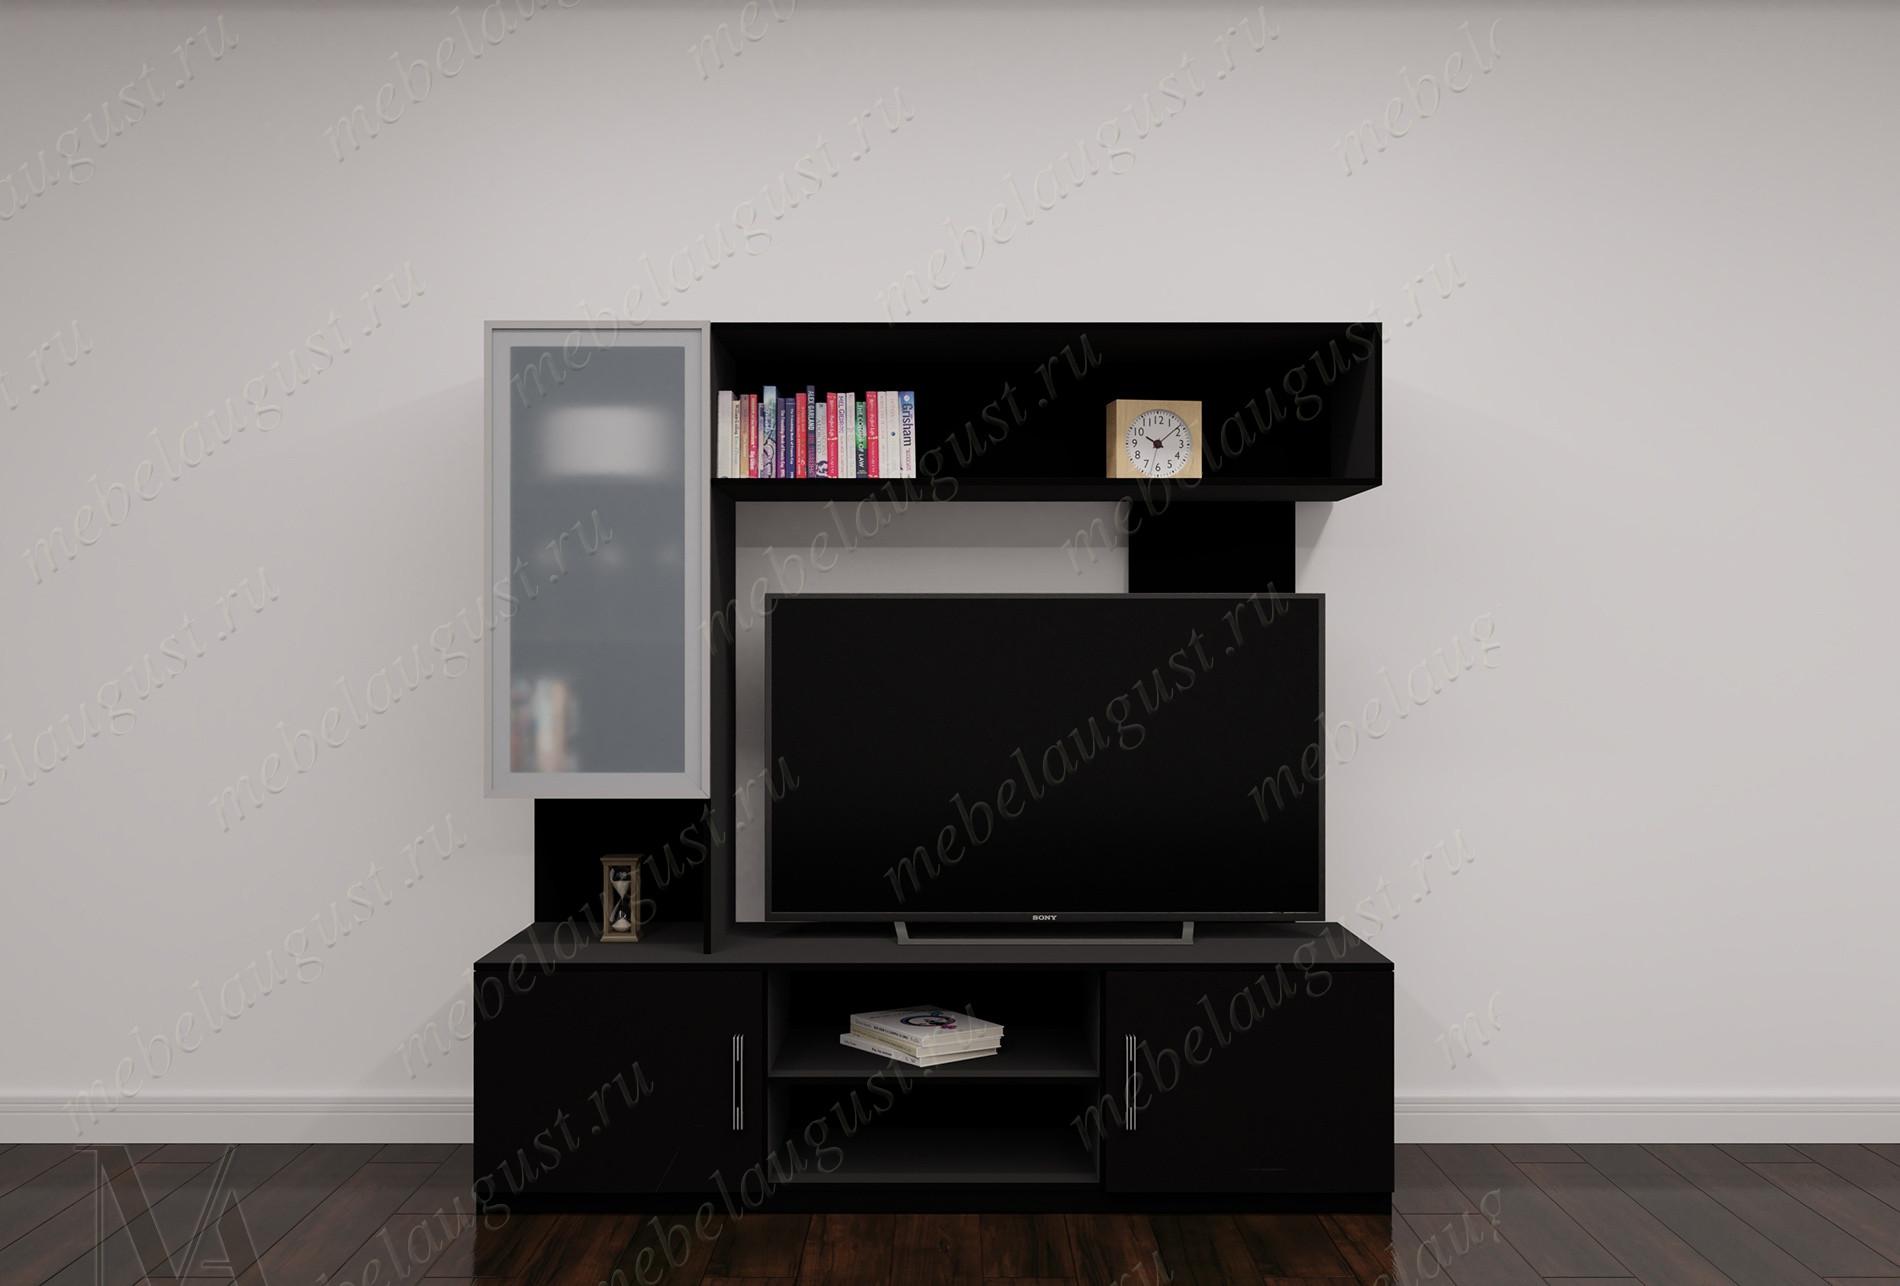 Малогабаритная стенка под телевизор цвета черный глянец